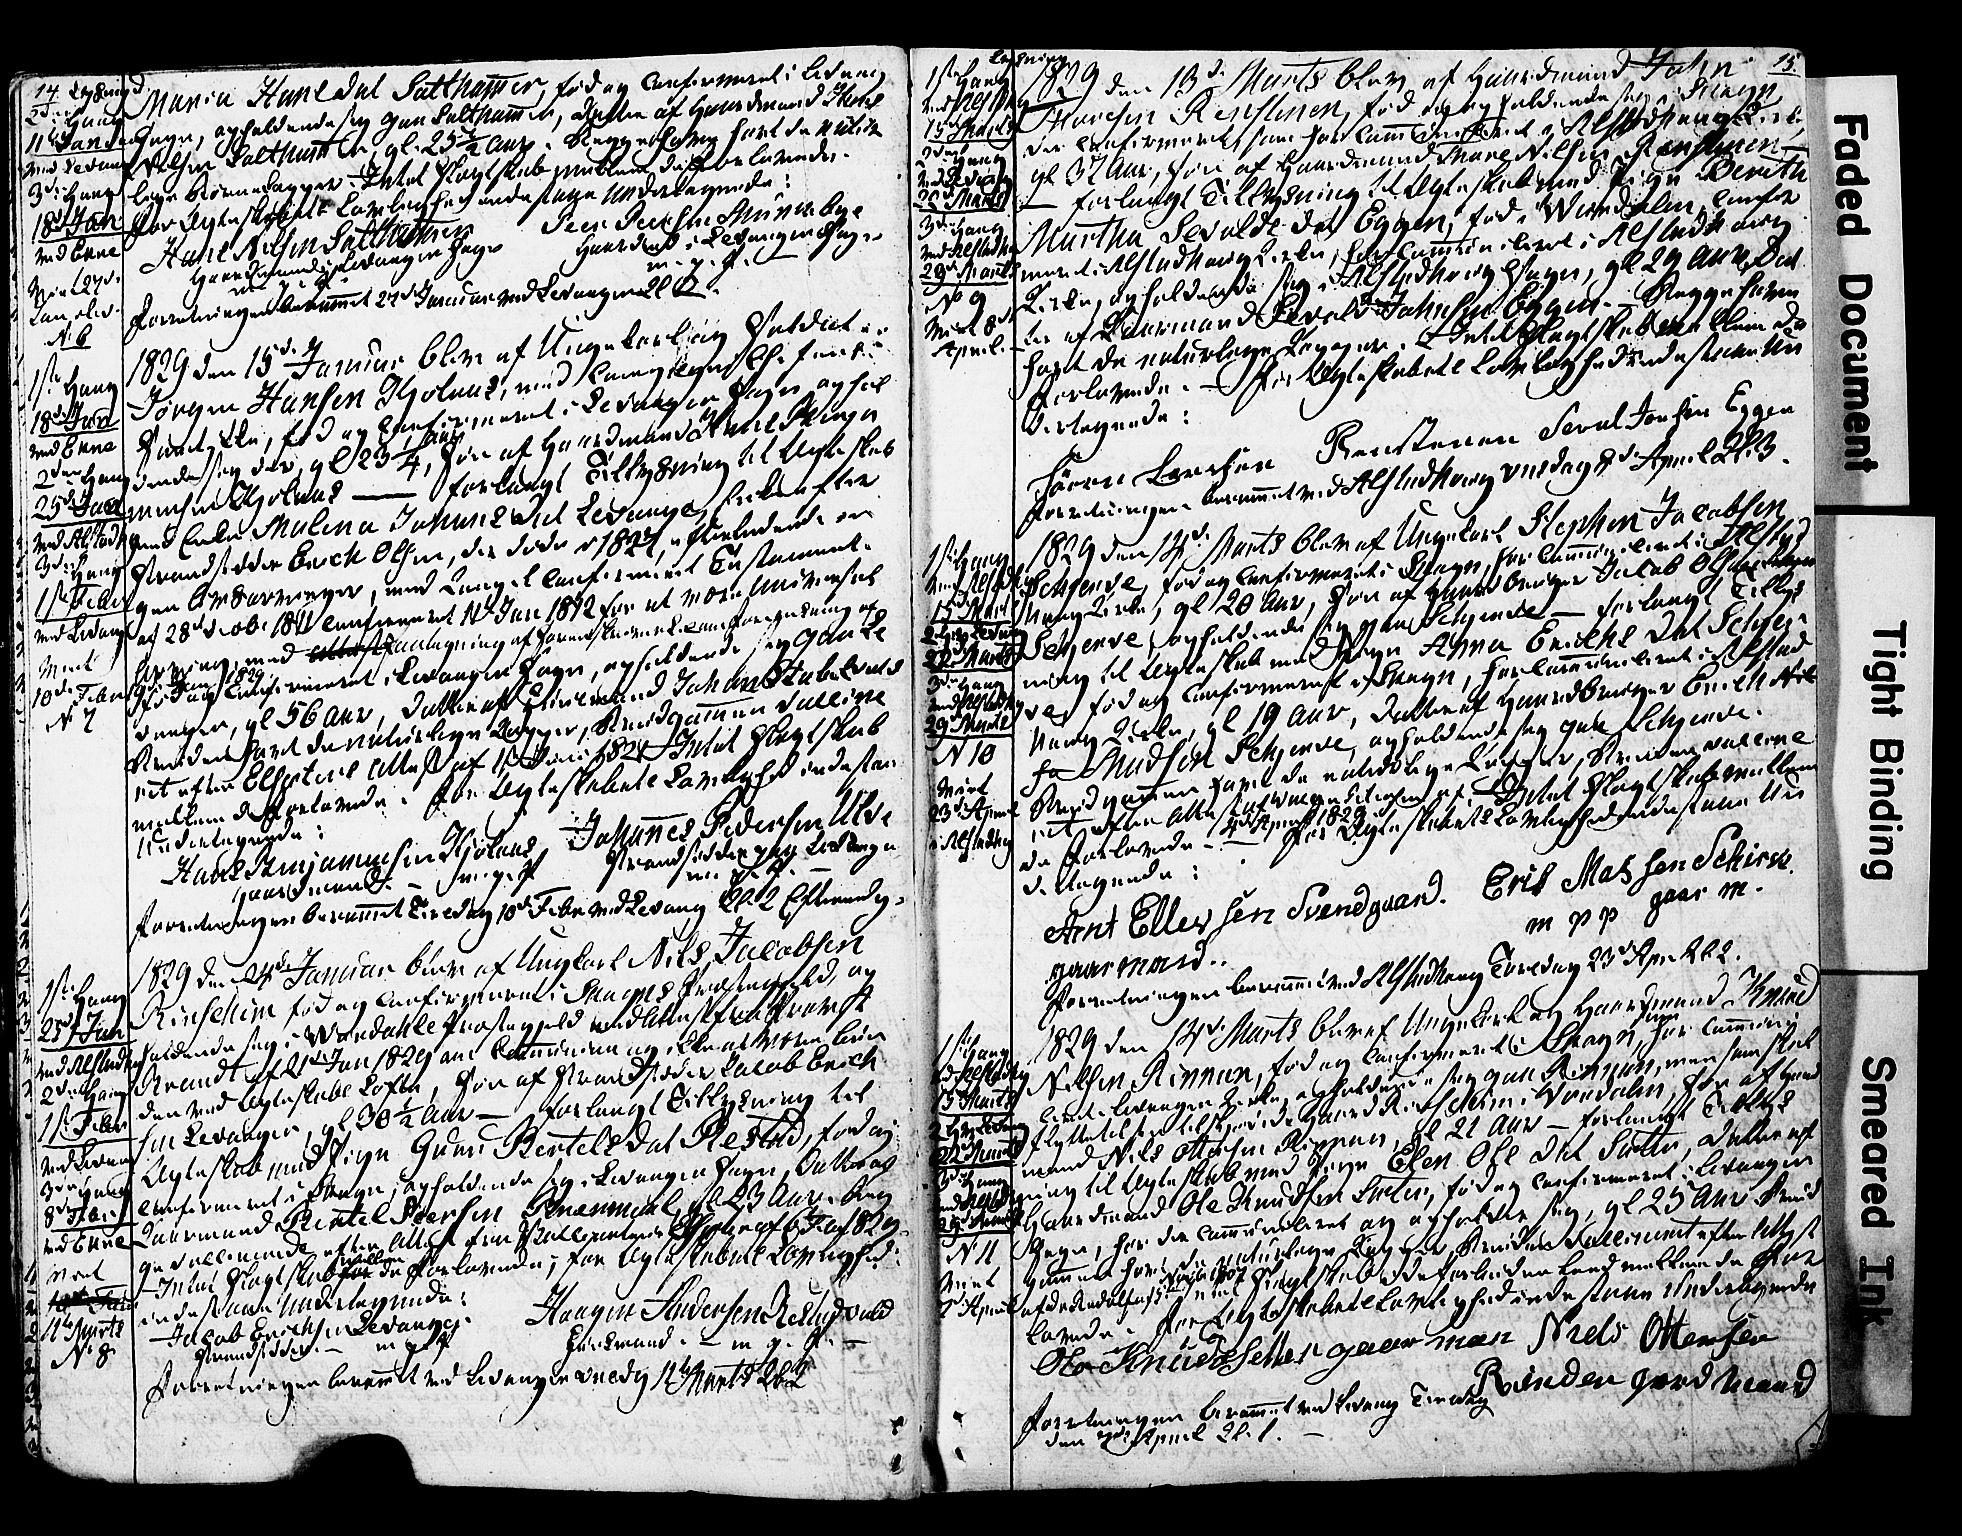 SAT, Ministerialprotokoller, klokkerbøker og fødselsregistre - Nord-Trøndelag, 717/L0160: Forlovererklæringer nr. 717A10, 1828-1850, s. 14-15